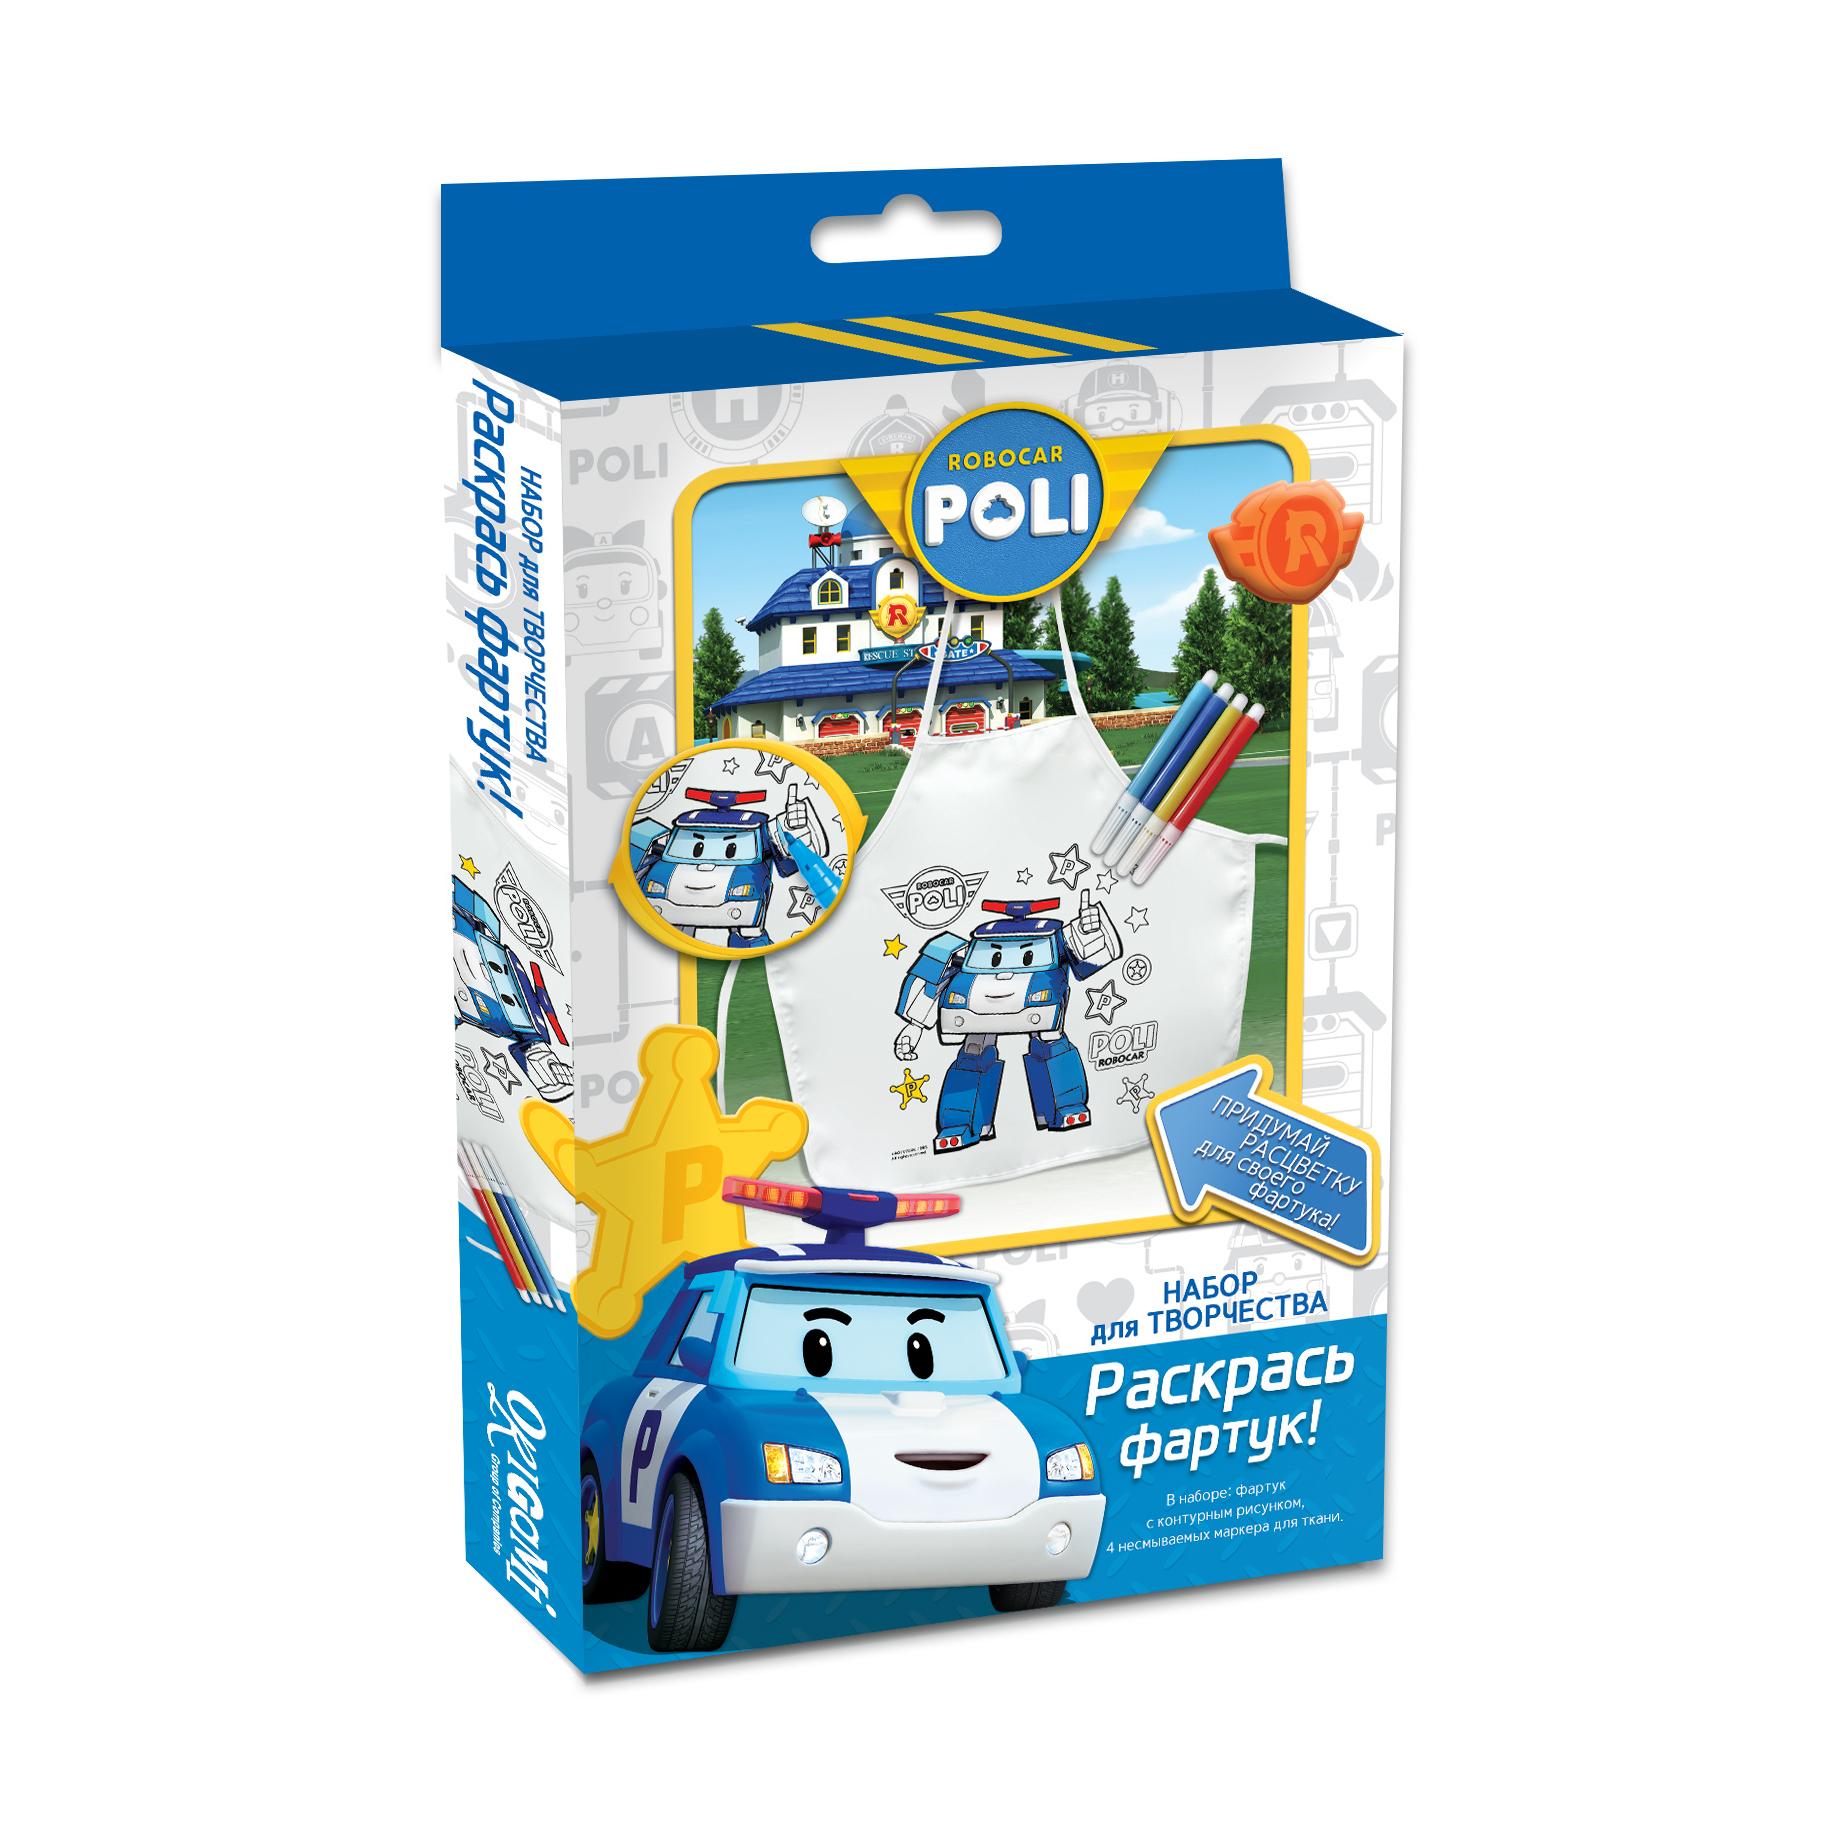 Фартук для раскрашивания - Робокар™, 4 маркераRobocar Poli. Робокар Поли и его друзья<br>Фартук для раскрашивания - Робокар™, 4 маркера<br>